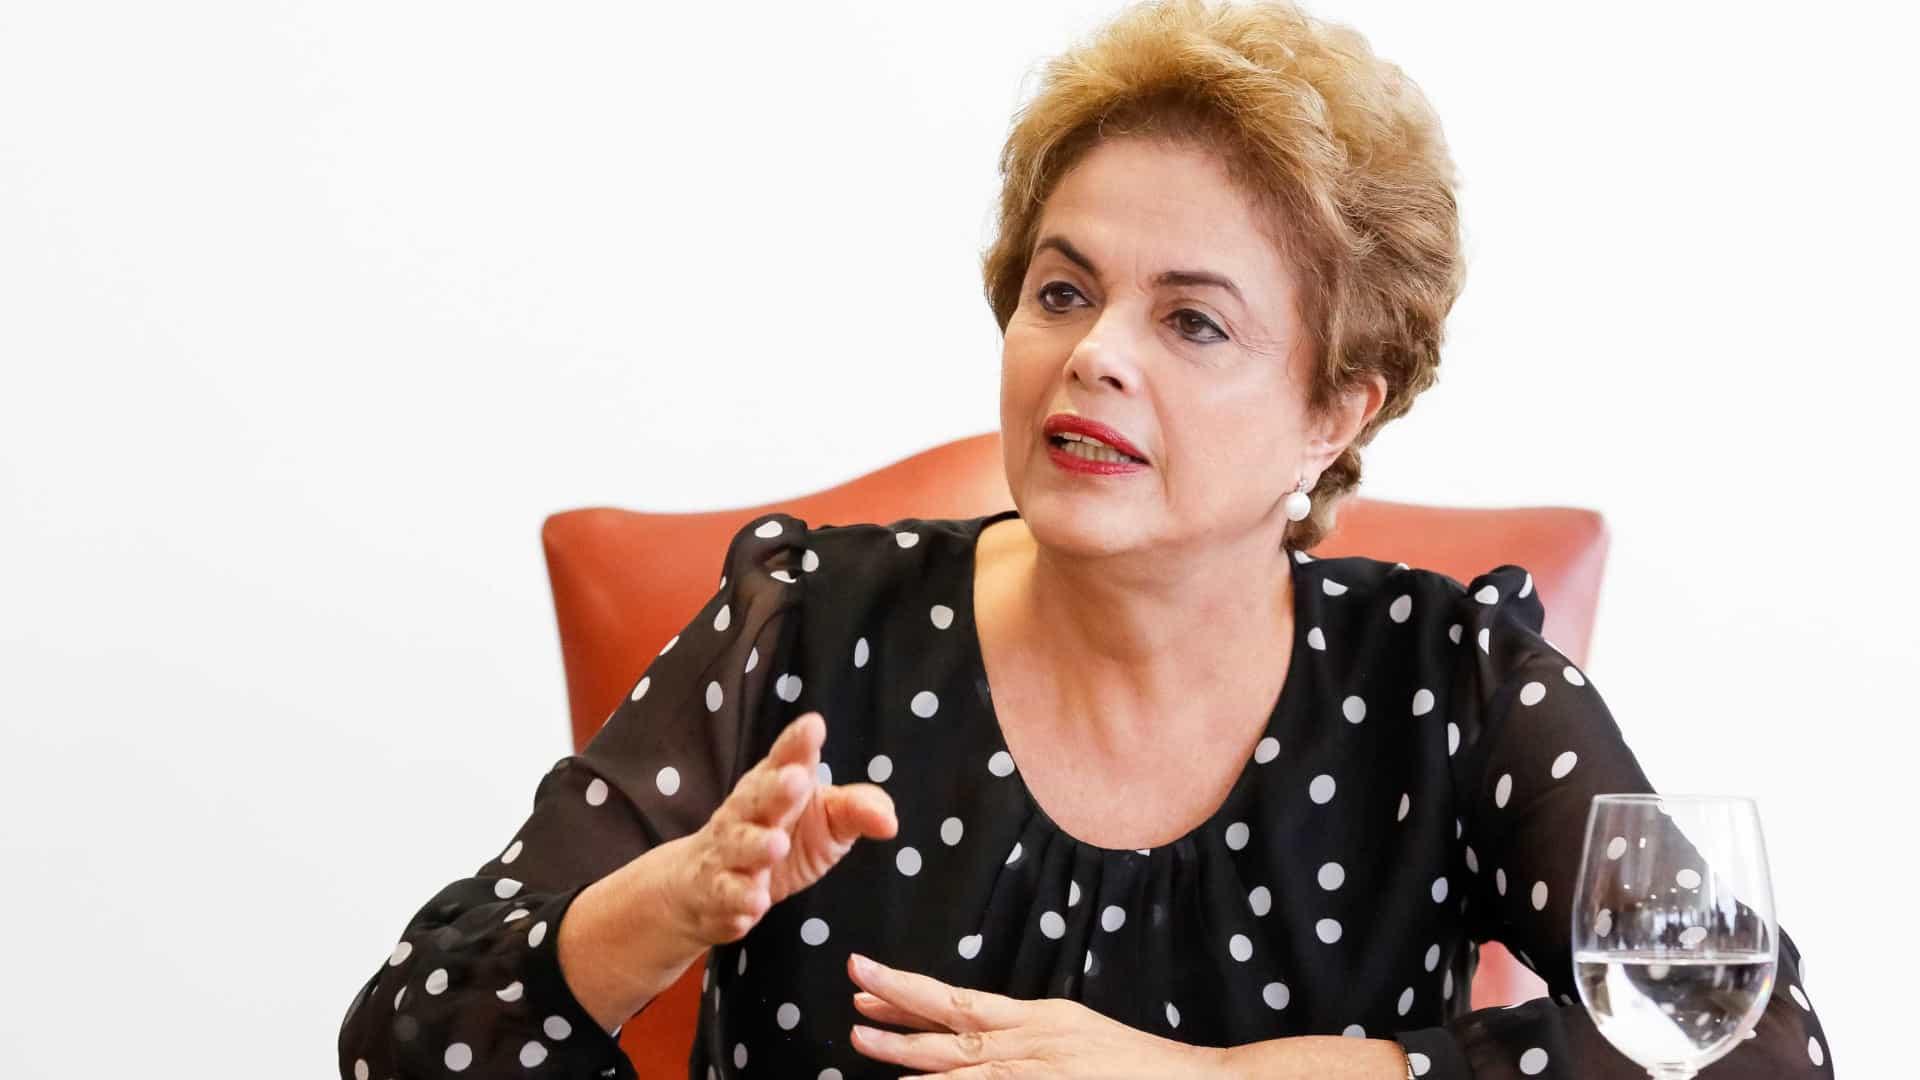 """naom 5c4b2c859b734 - """"ESPERANDO O RAIO X"""": Bolsonaro ironiza tortura sofrida por Dilma durante a Ditadura Militar"""